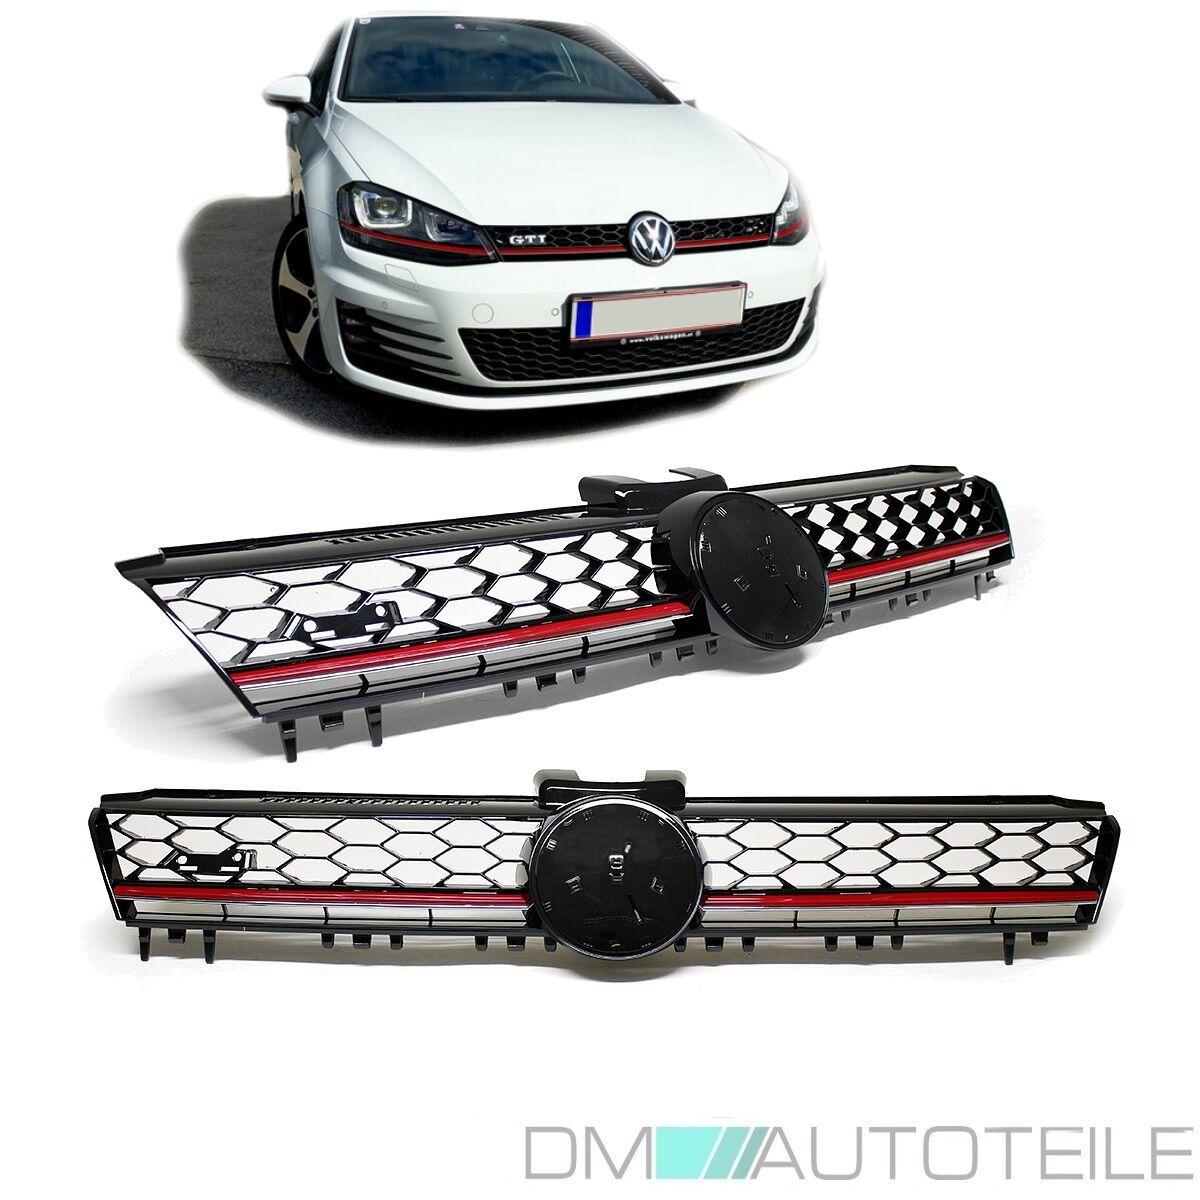 VW Golf 7 GTI Kühlergrill Front Grill Schwarz Glanz Rote Leiste für Emblem 12-16